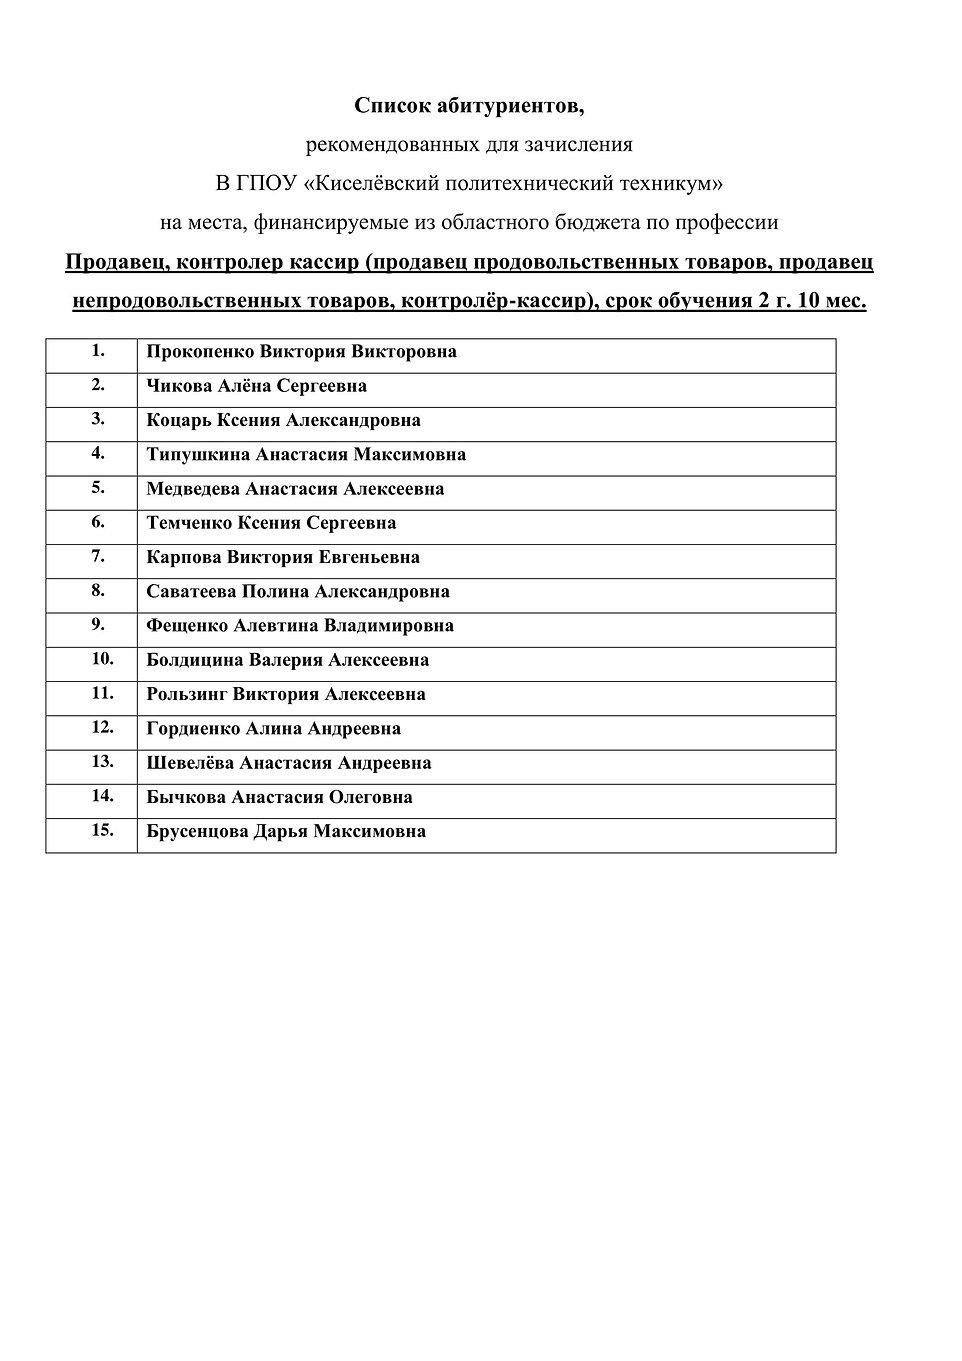 список рекомендованных к зачислению студ